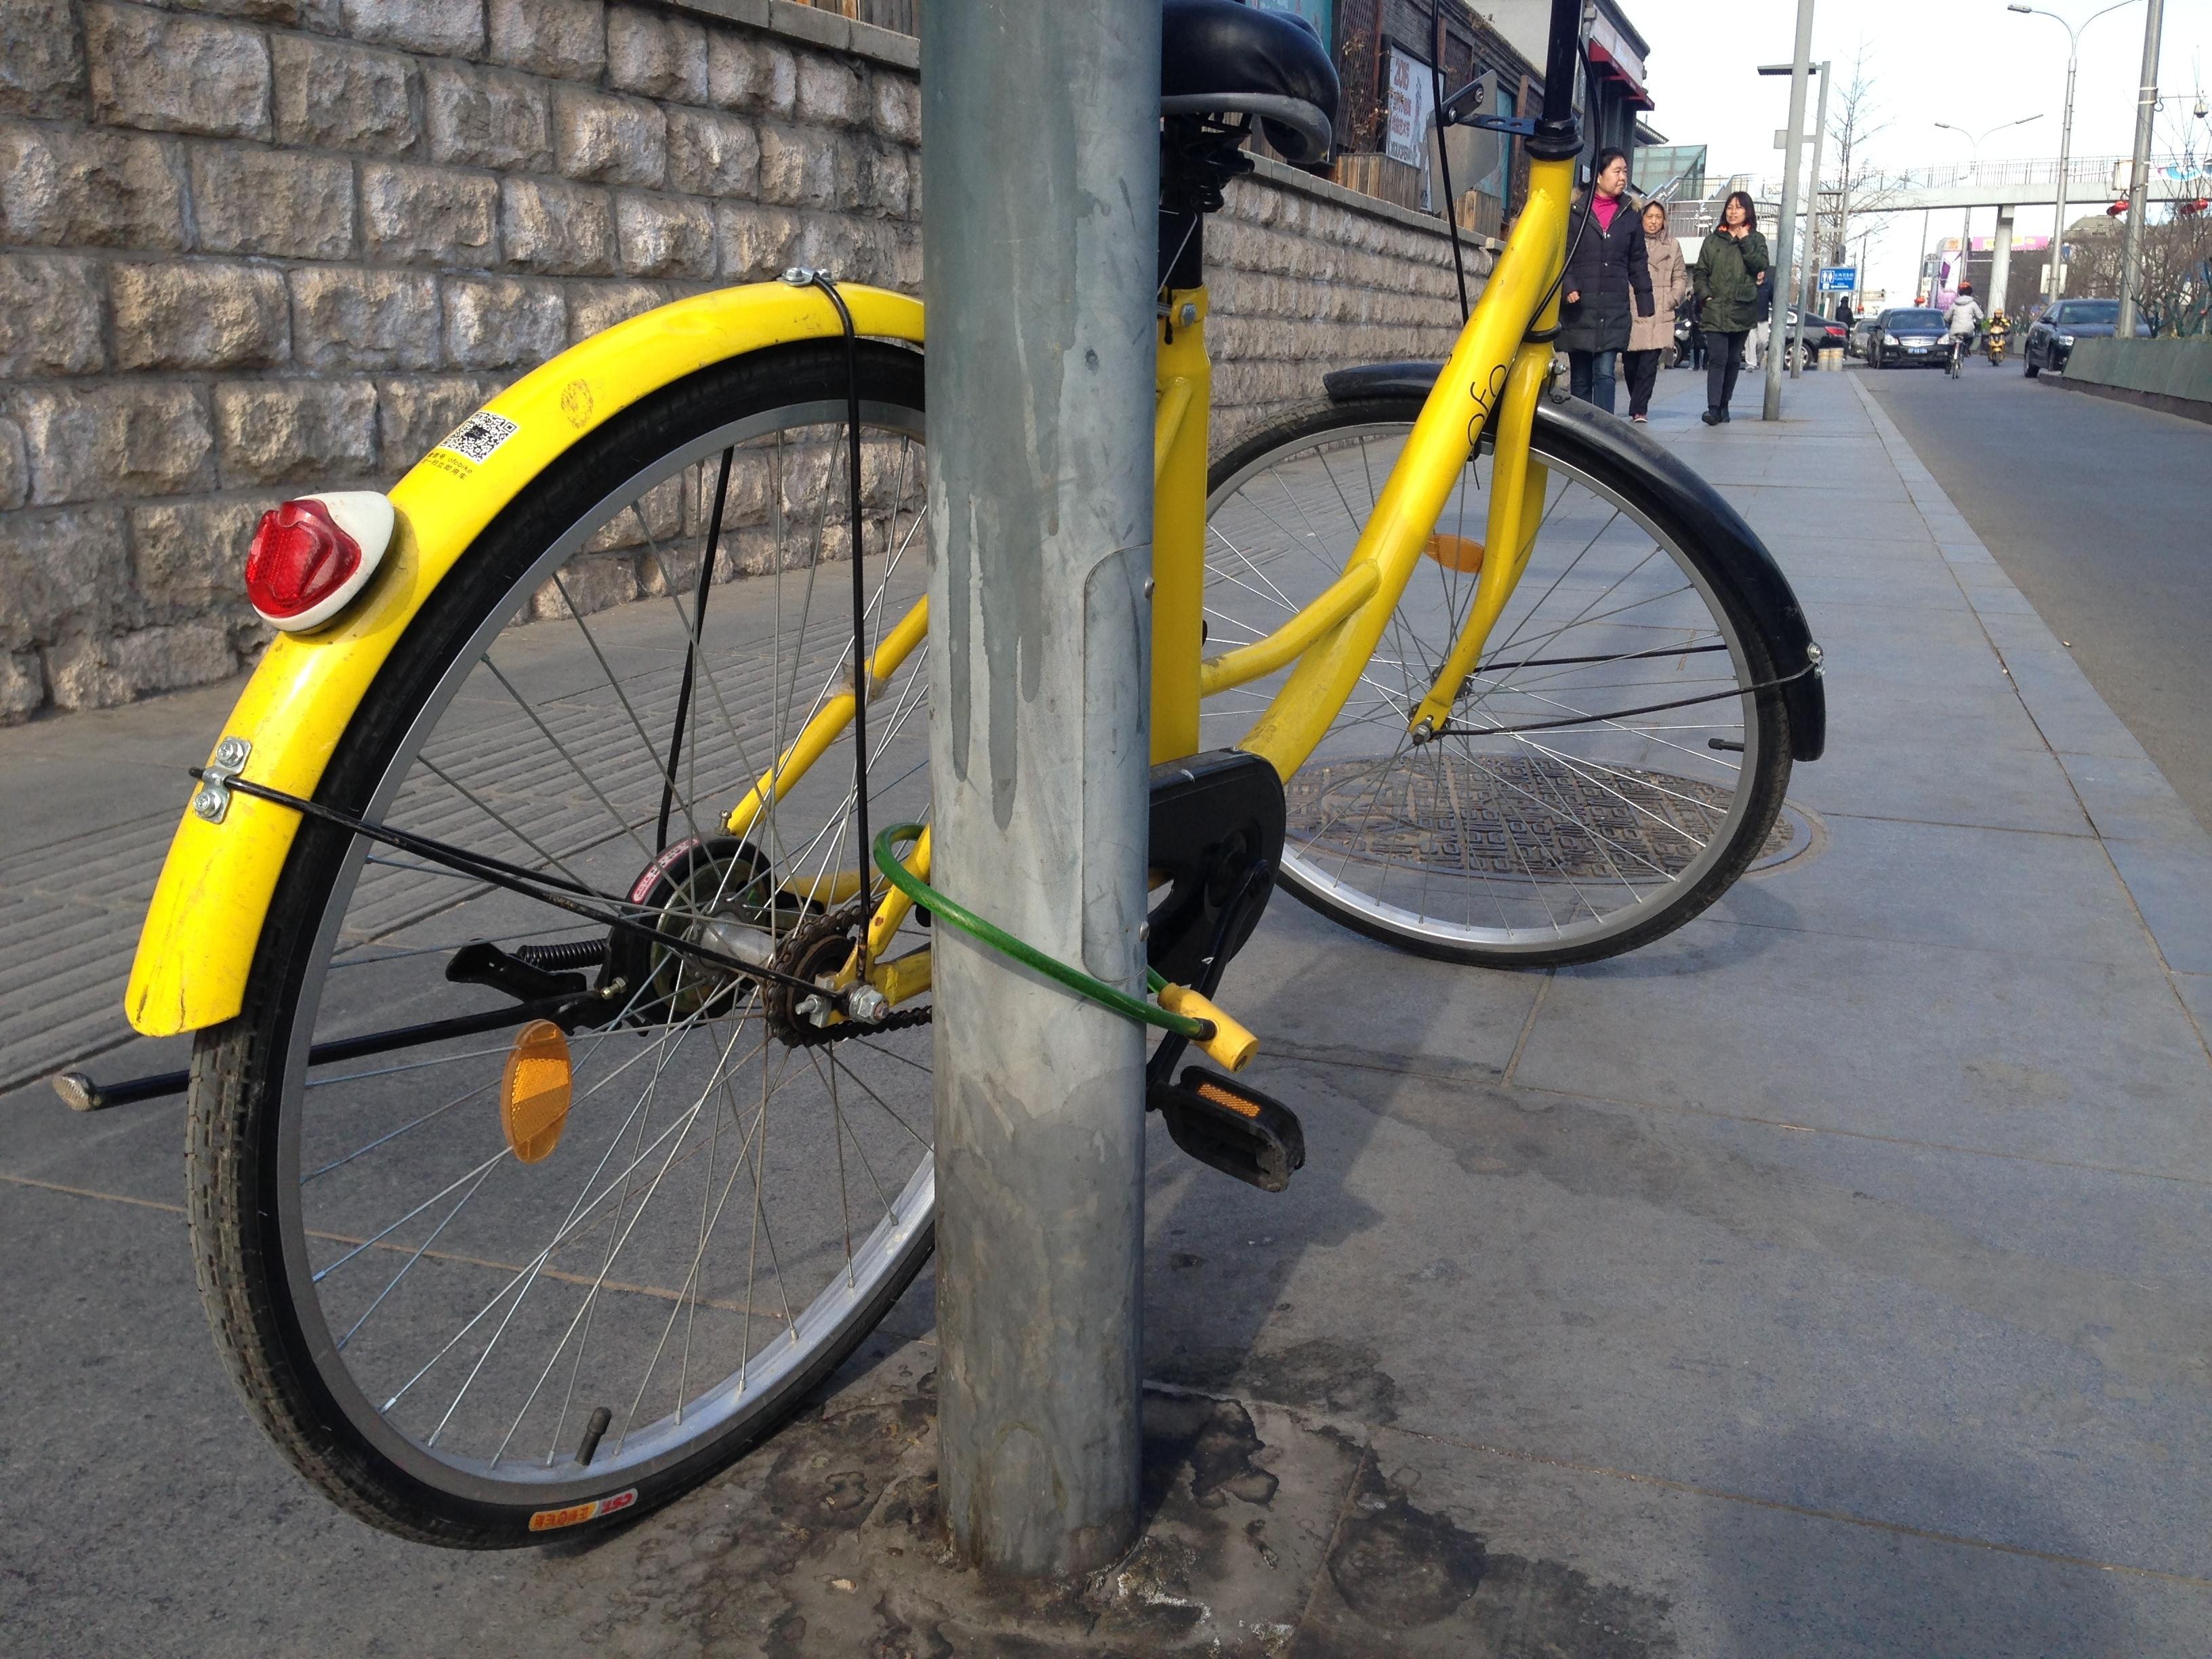 近期深圳成都上海等地已开始对共享单车进行规范管理.